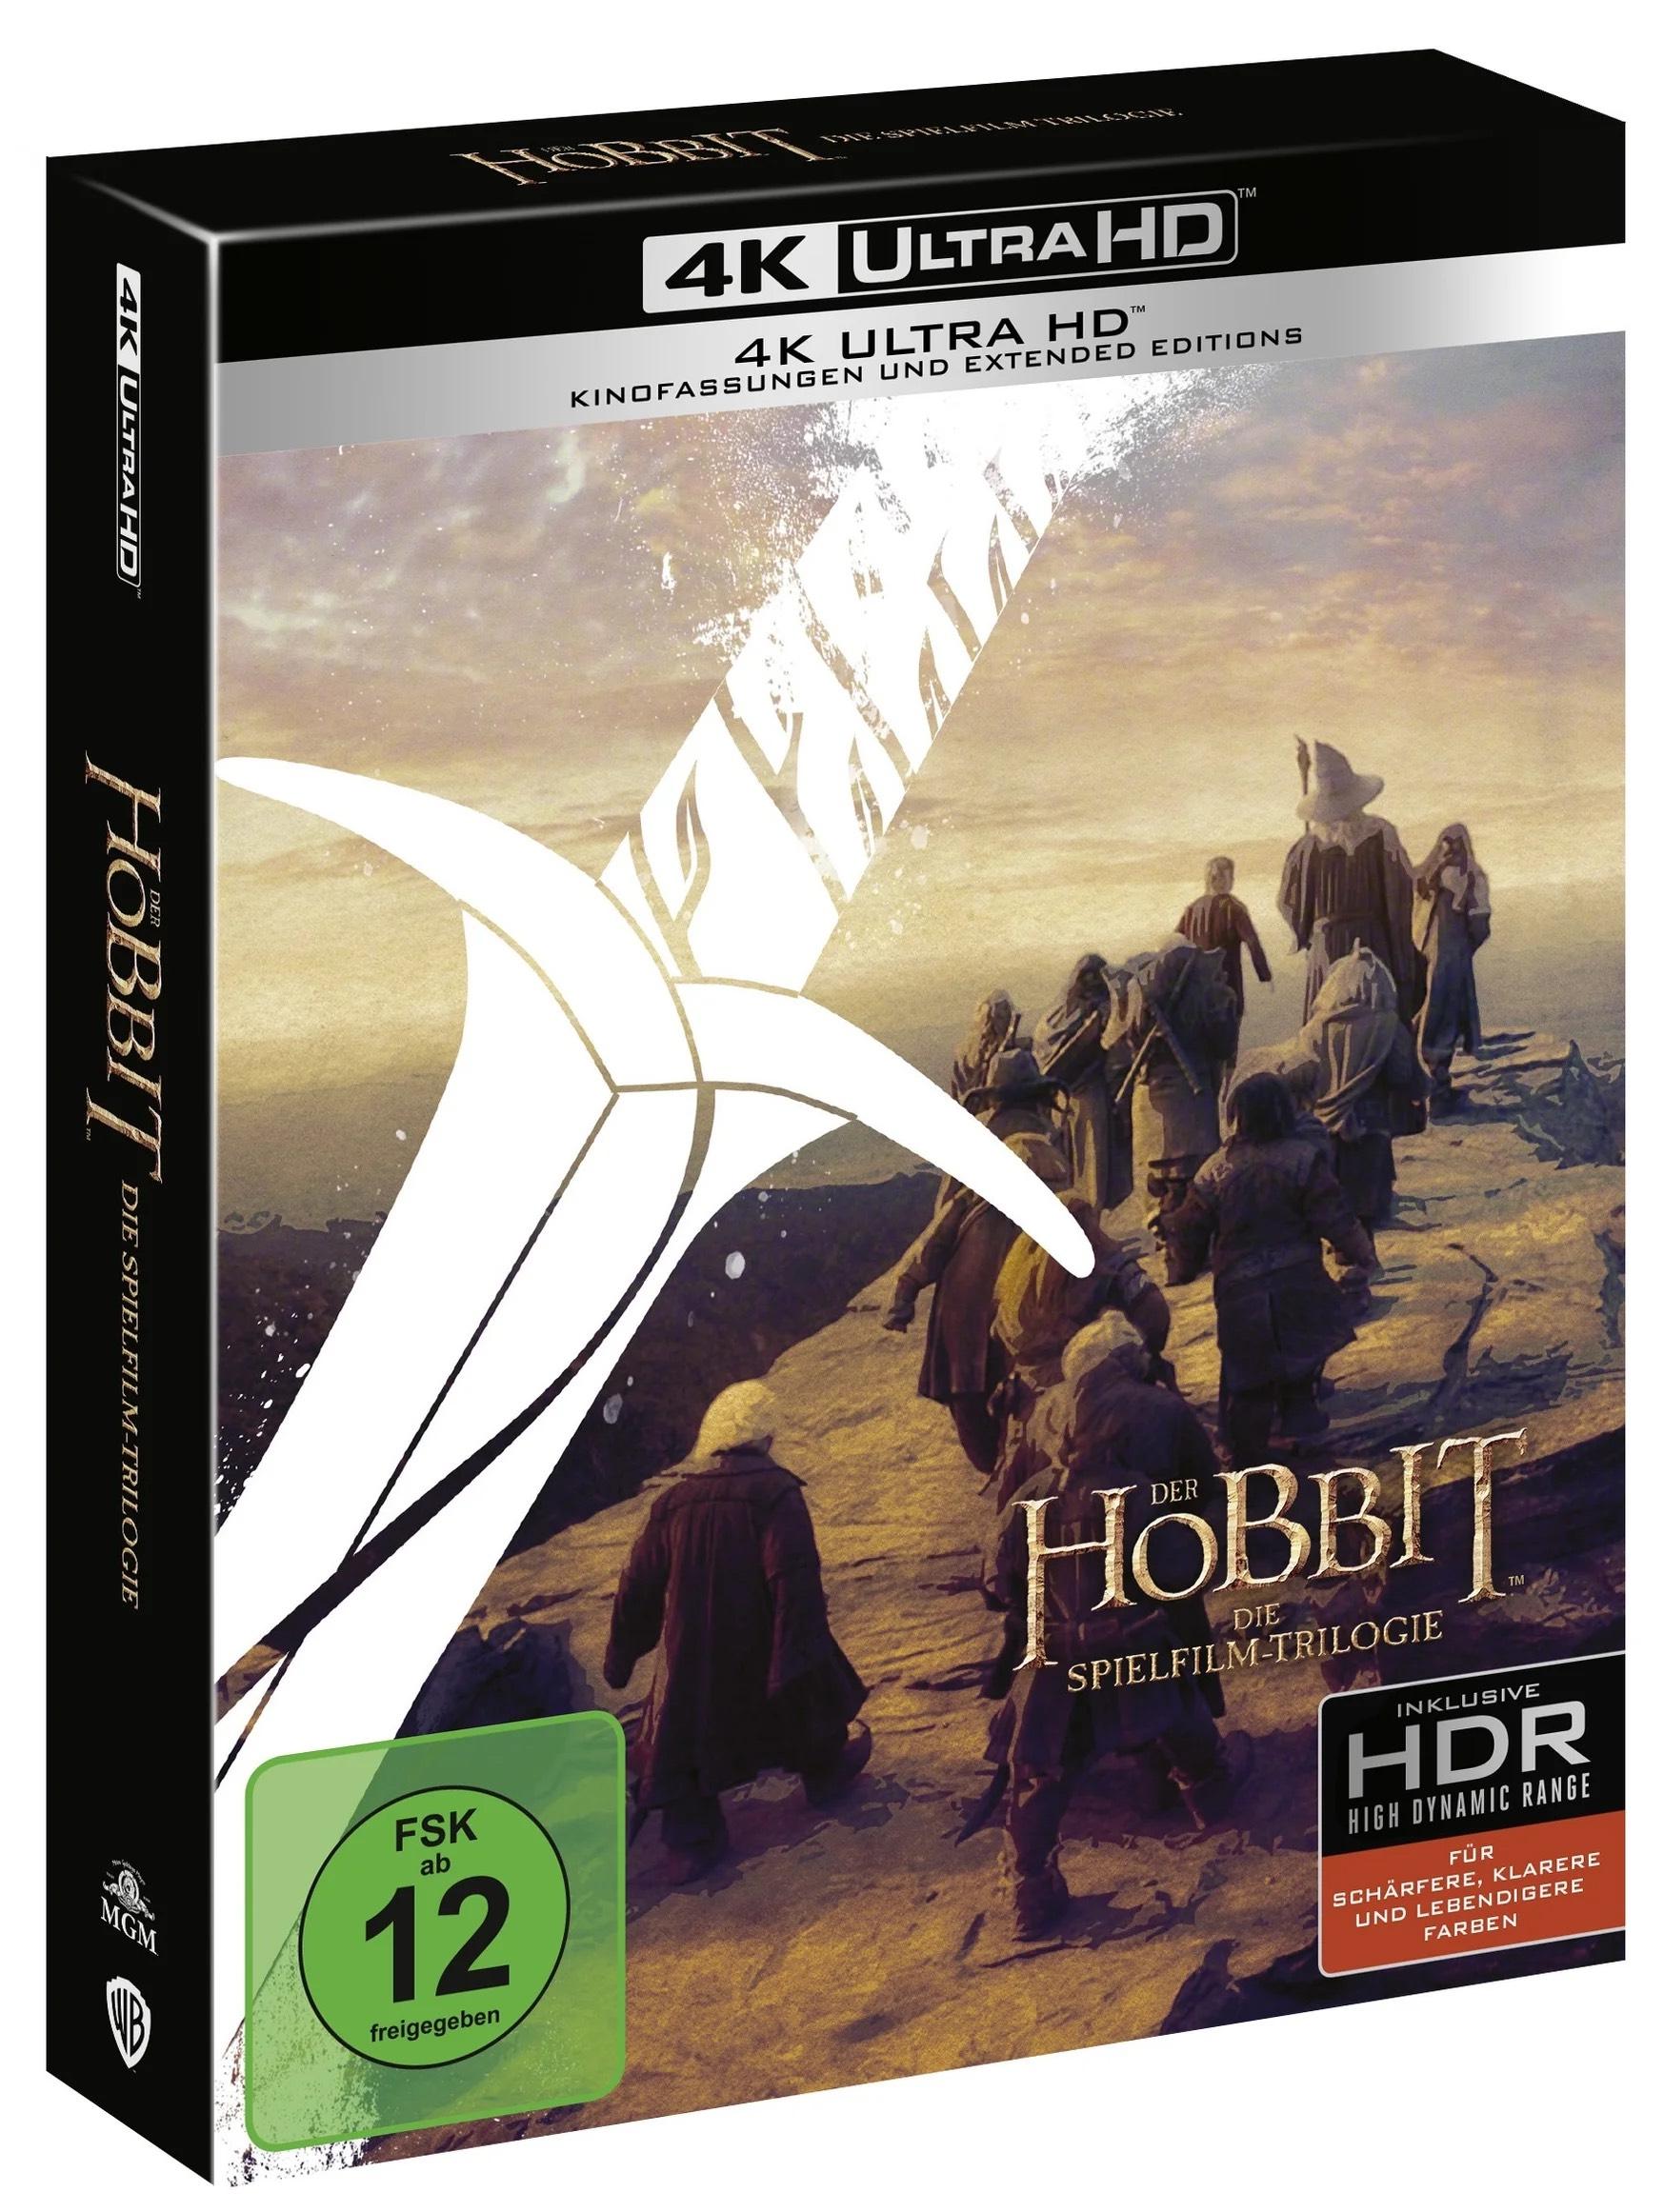 Der Hobbit - 4K UHD BOX